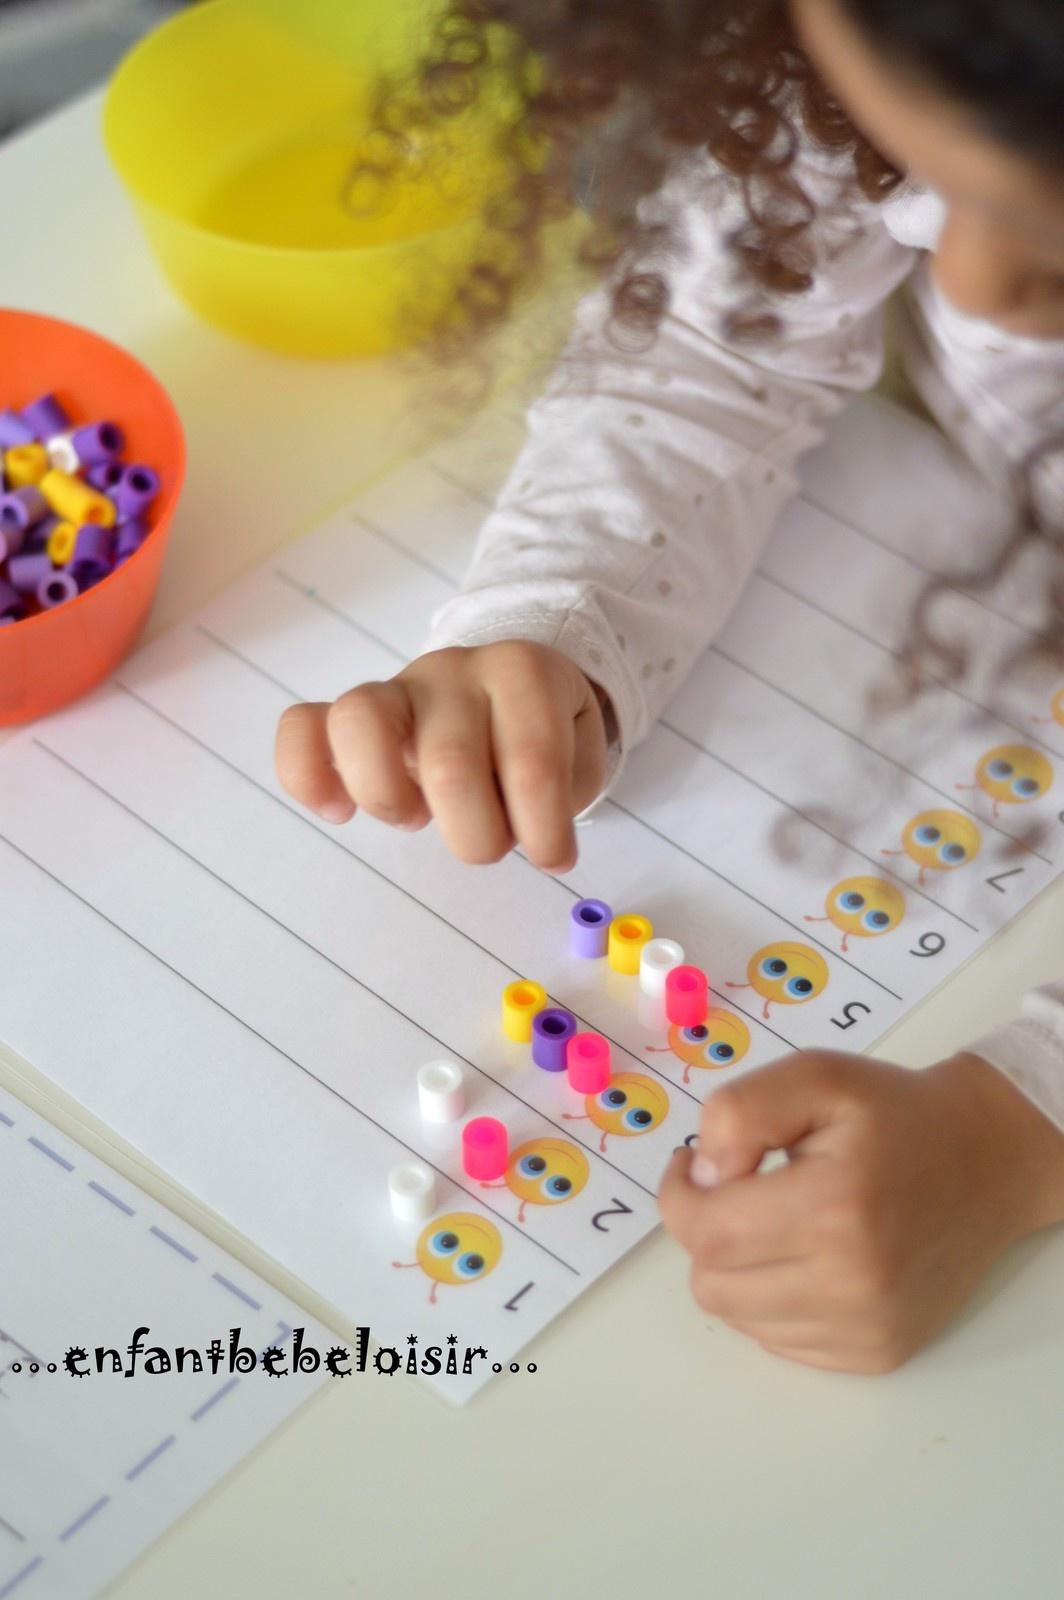 Fiche Exercice À Compter - Pdf À Imprimer - Enfant Bébé Loisir dedans Exercice Maternelle Petite Section